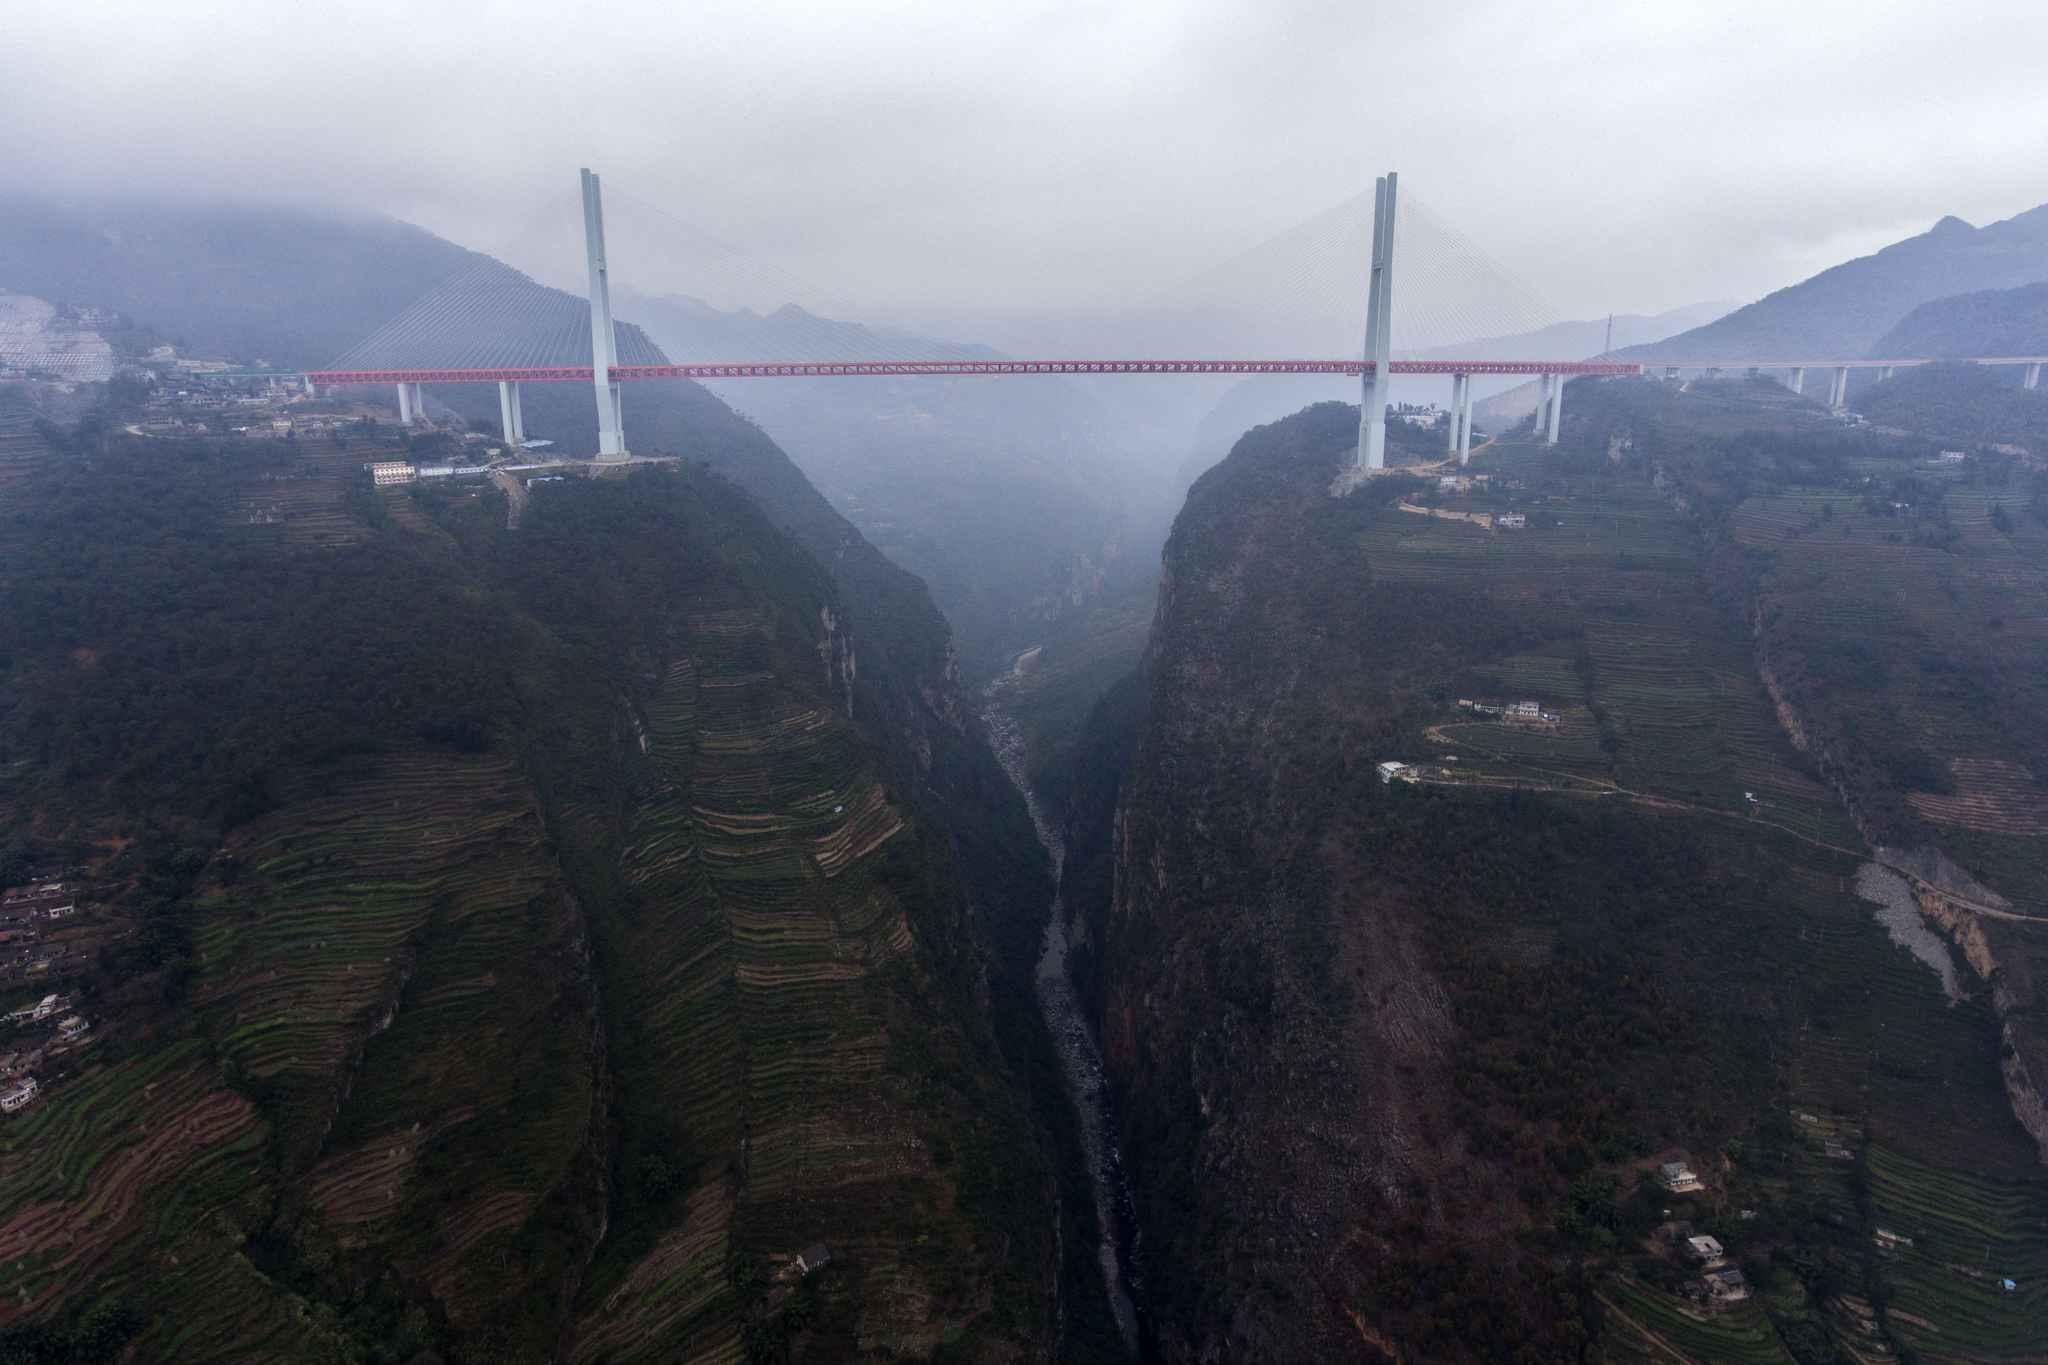 Le pont le plus haut du monde est à couper le souffle